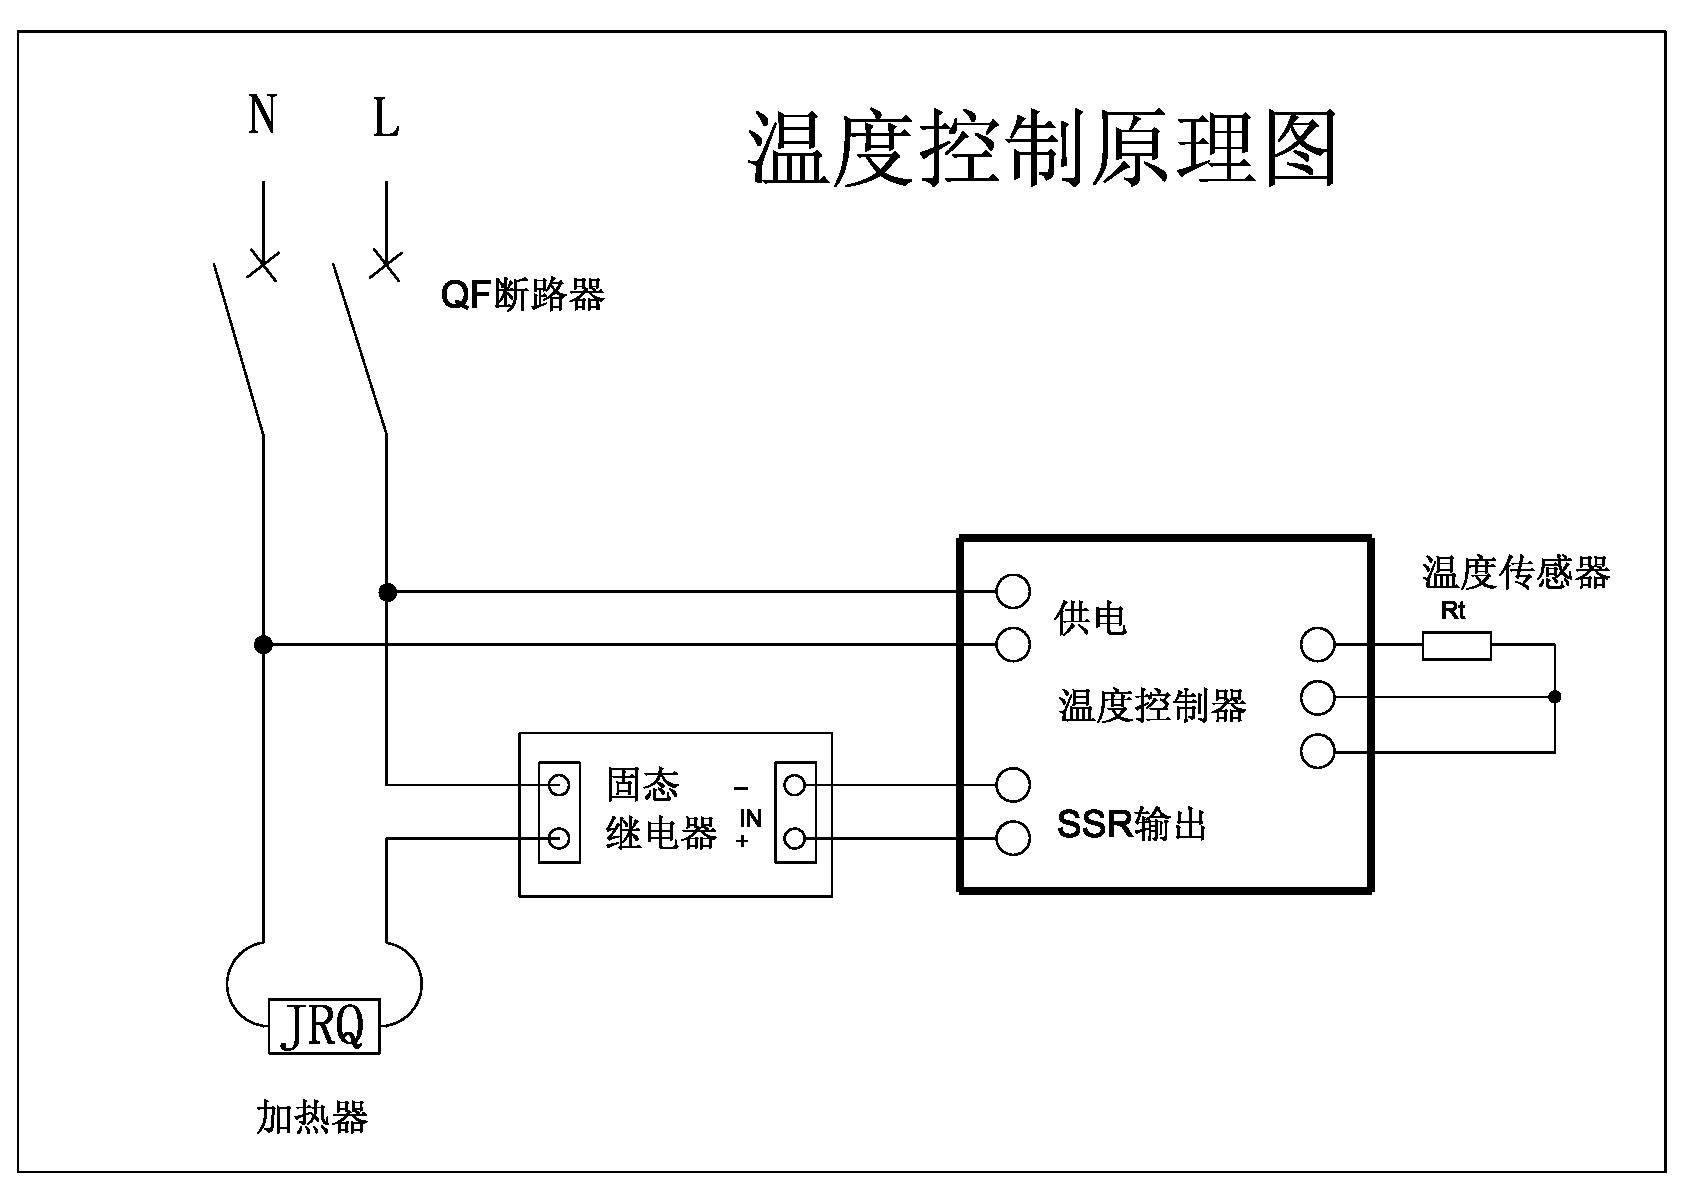 温控开关温度开关_温控器接线图及原理-温控器接线原理-温控器工作原理